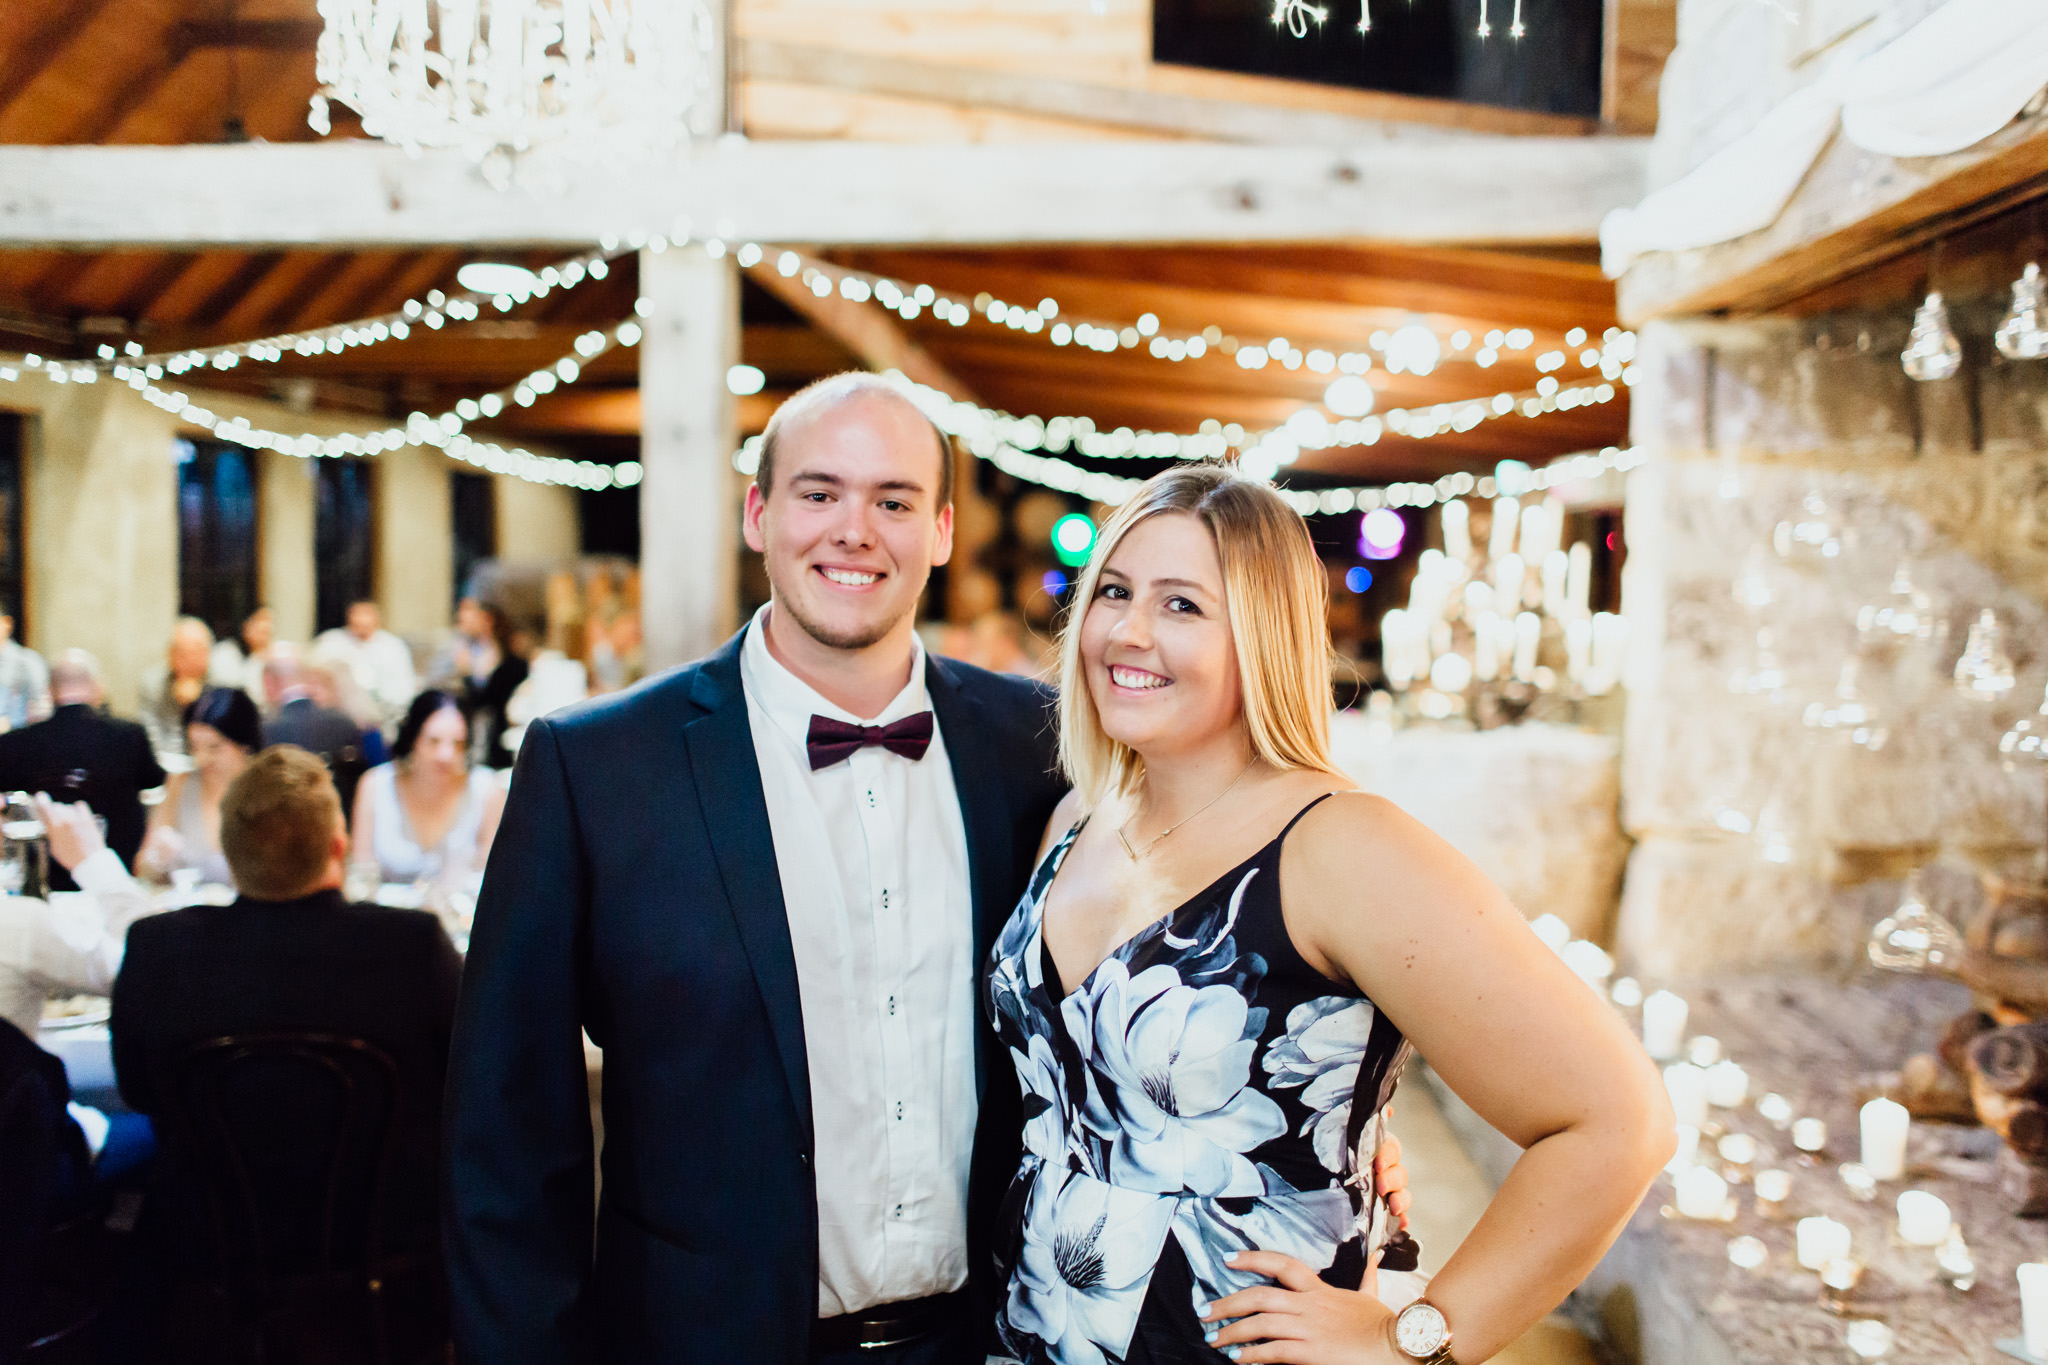 WeddingPhotos_Facebook_2048pixels-1131.jpg